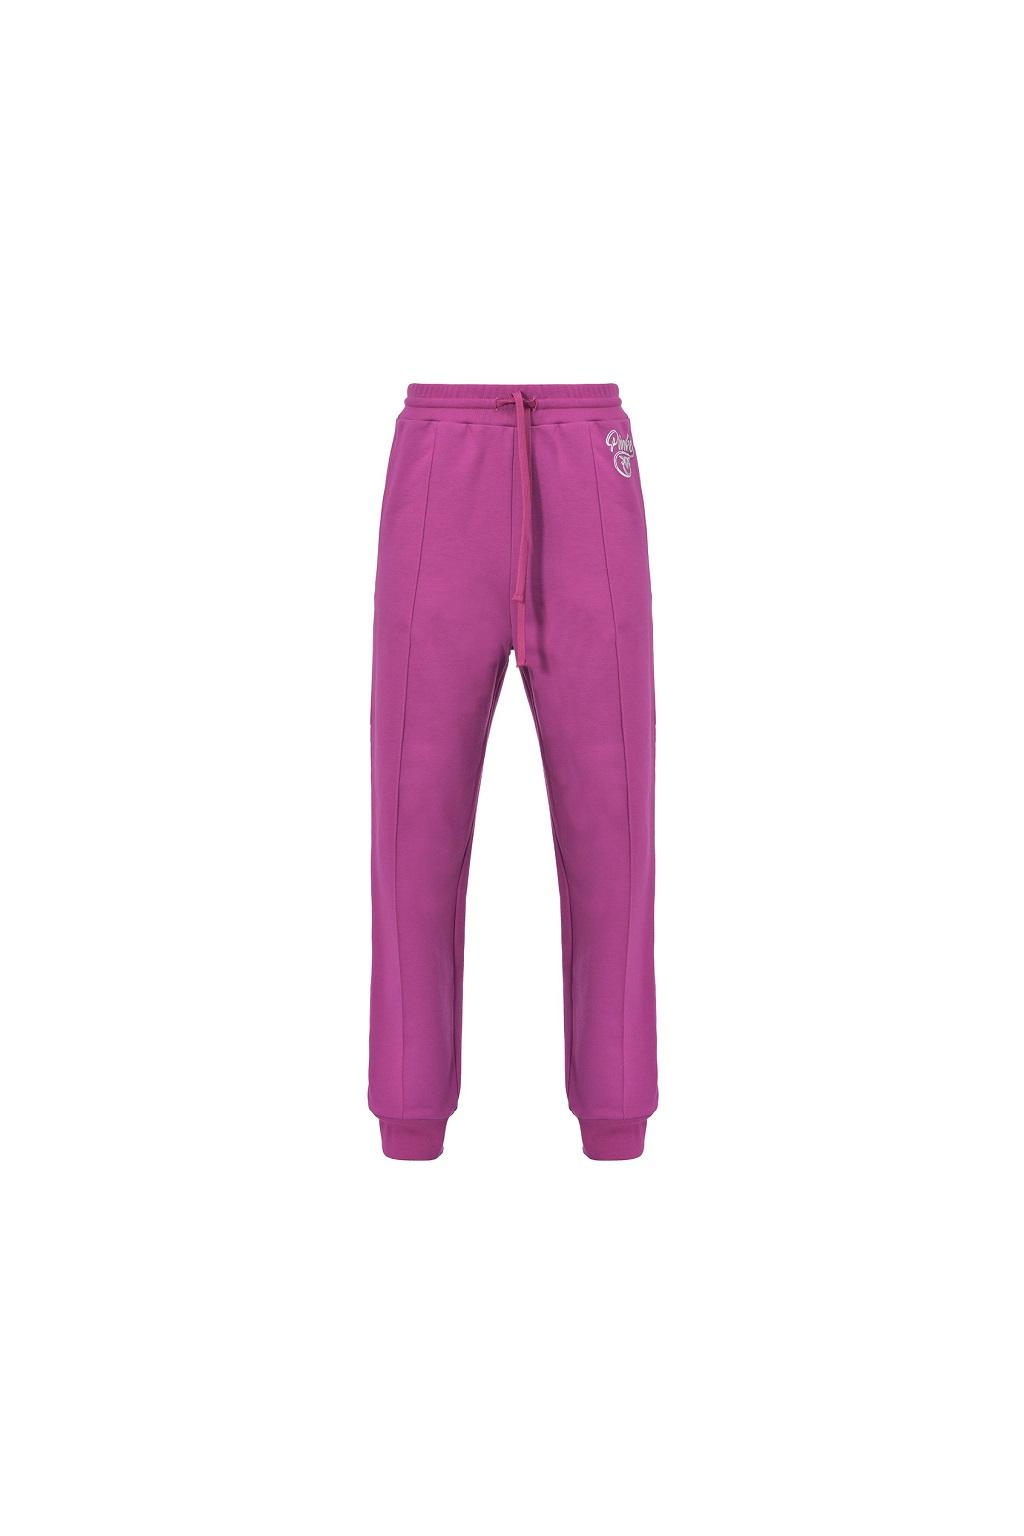 1N12XZY75F W55 Dámské kalhoty Pinko Bugs fialové